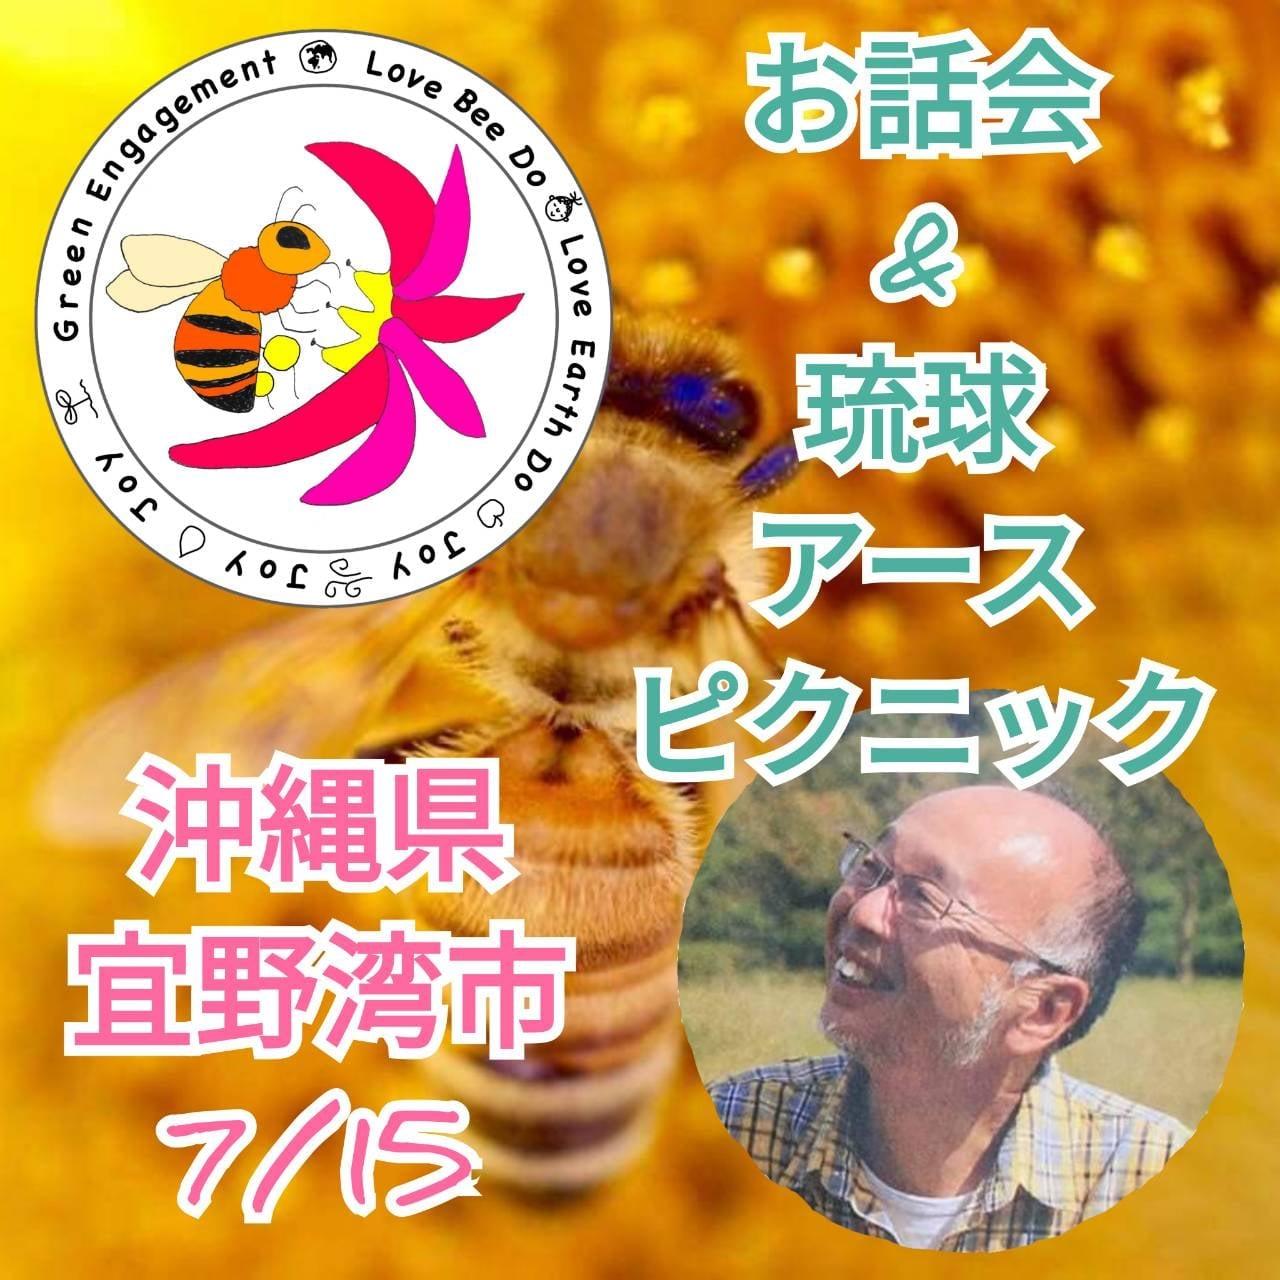 7月15日(月)沖縄県宜野湾市 ハニーさんのお話会&琉球アースピクニックのイメージその1